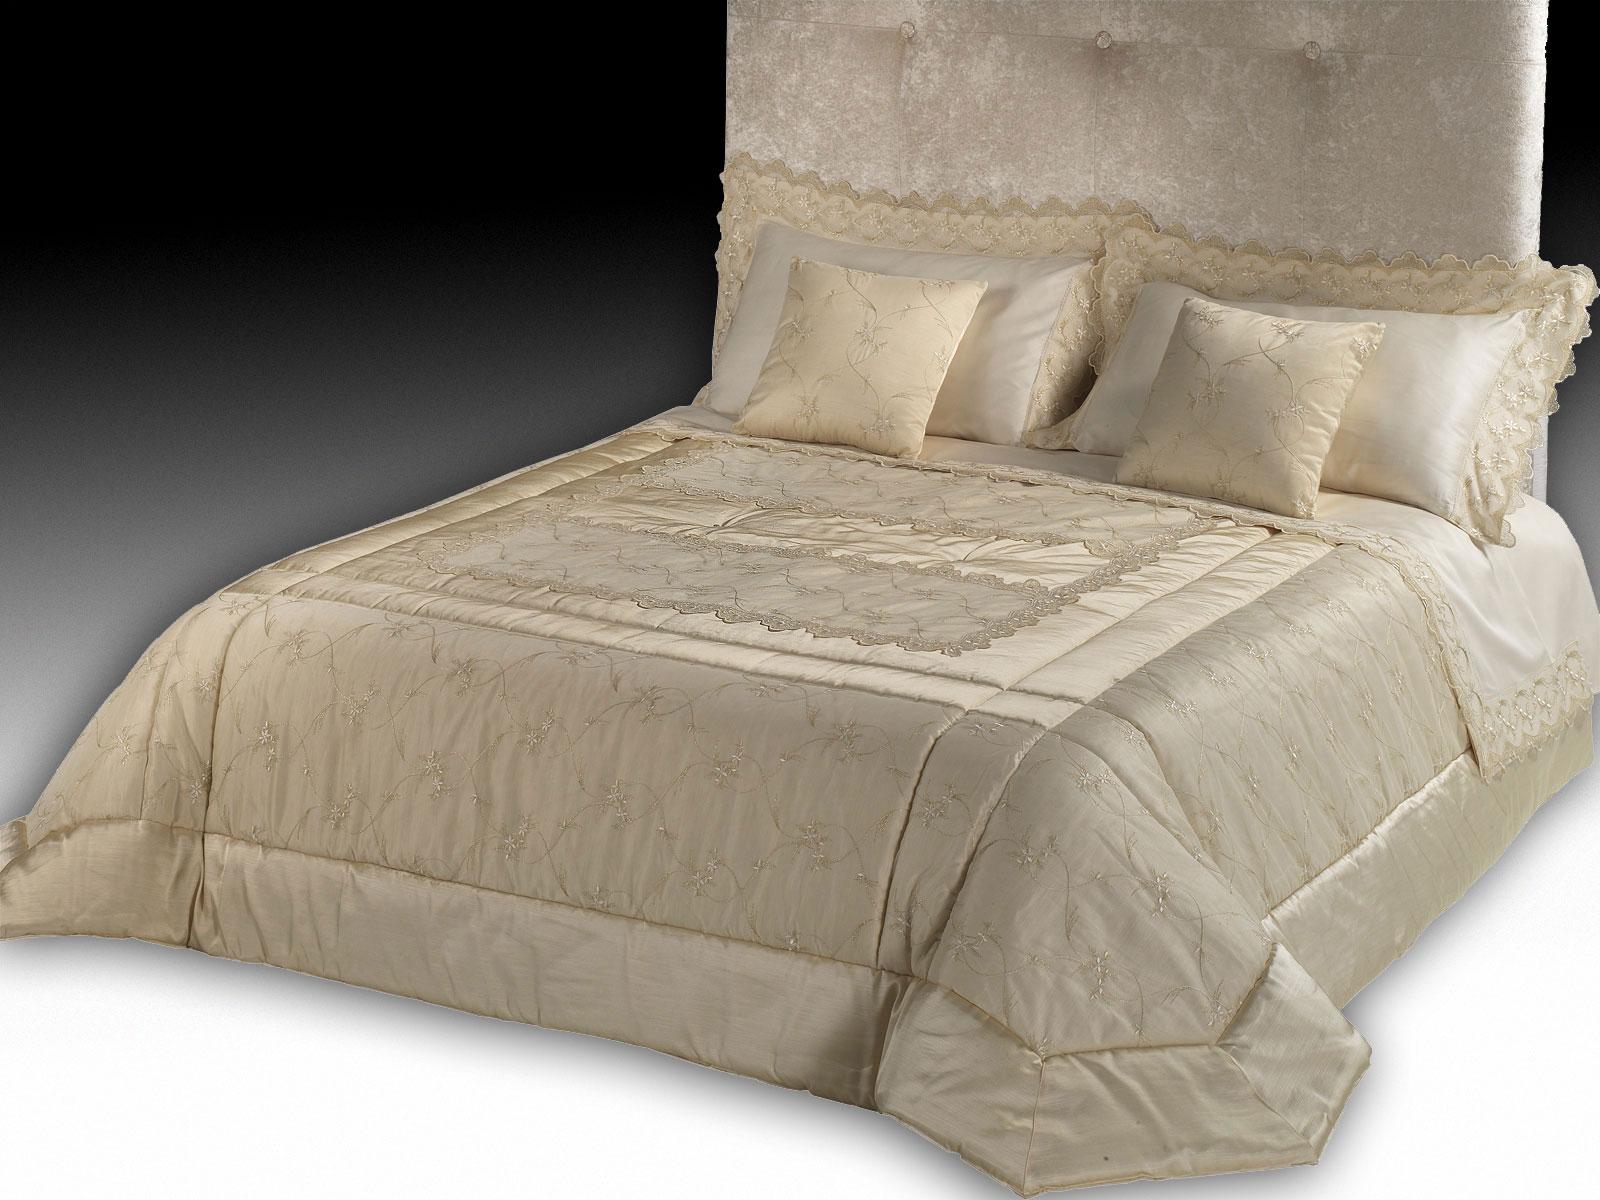 Collezione abbraccio sandri collezionisandri collezioni - Abbraccio letto ...